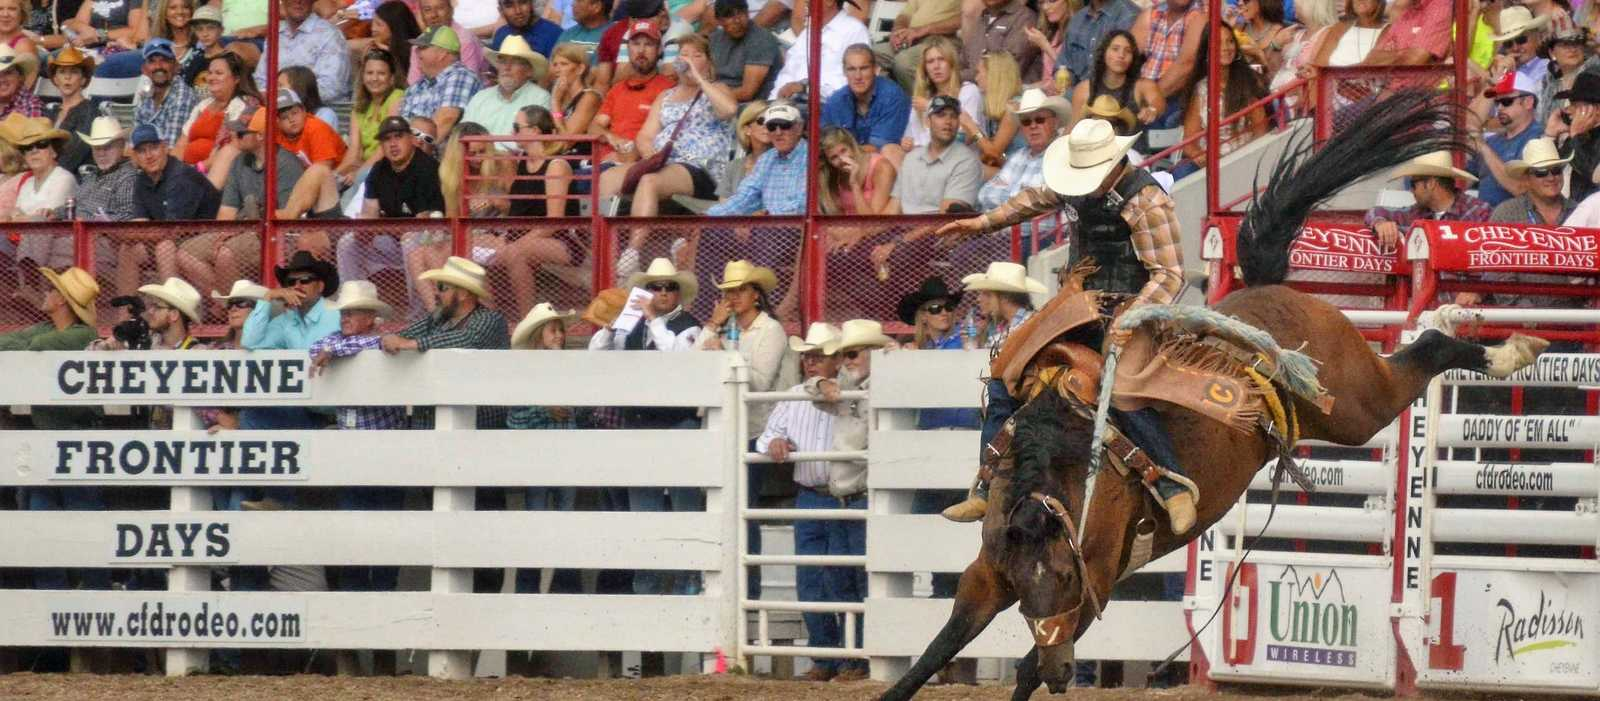 Impressionen der Cheyenne Frontier Days in Wyoming